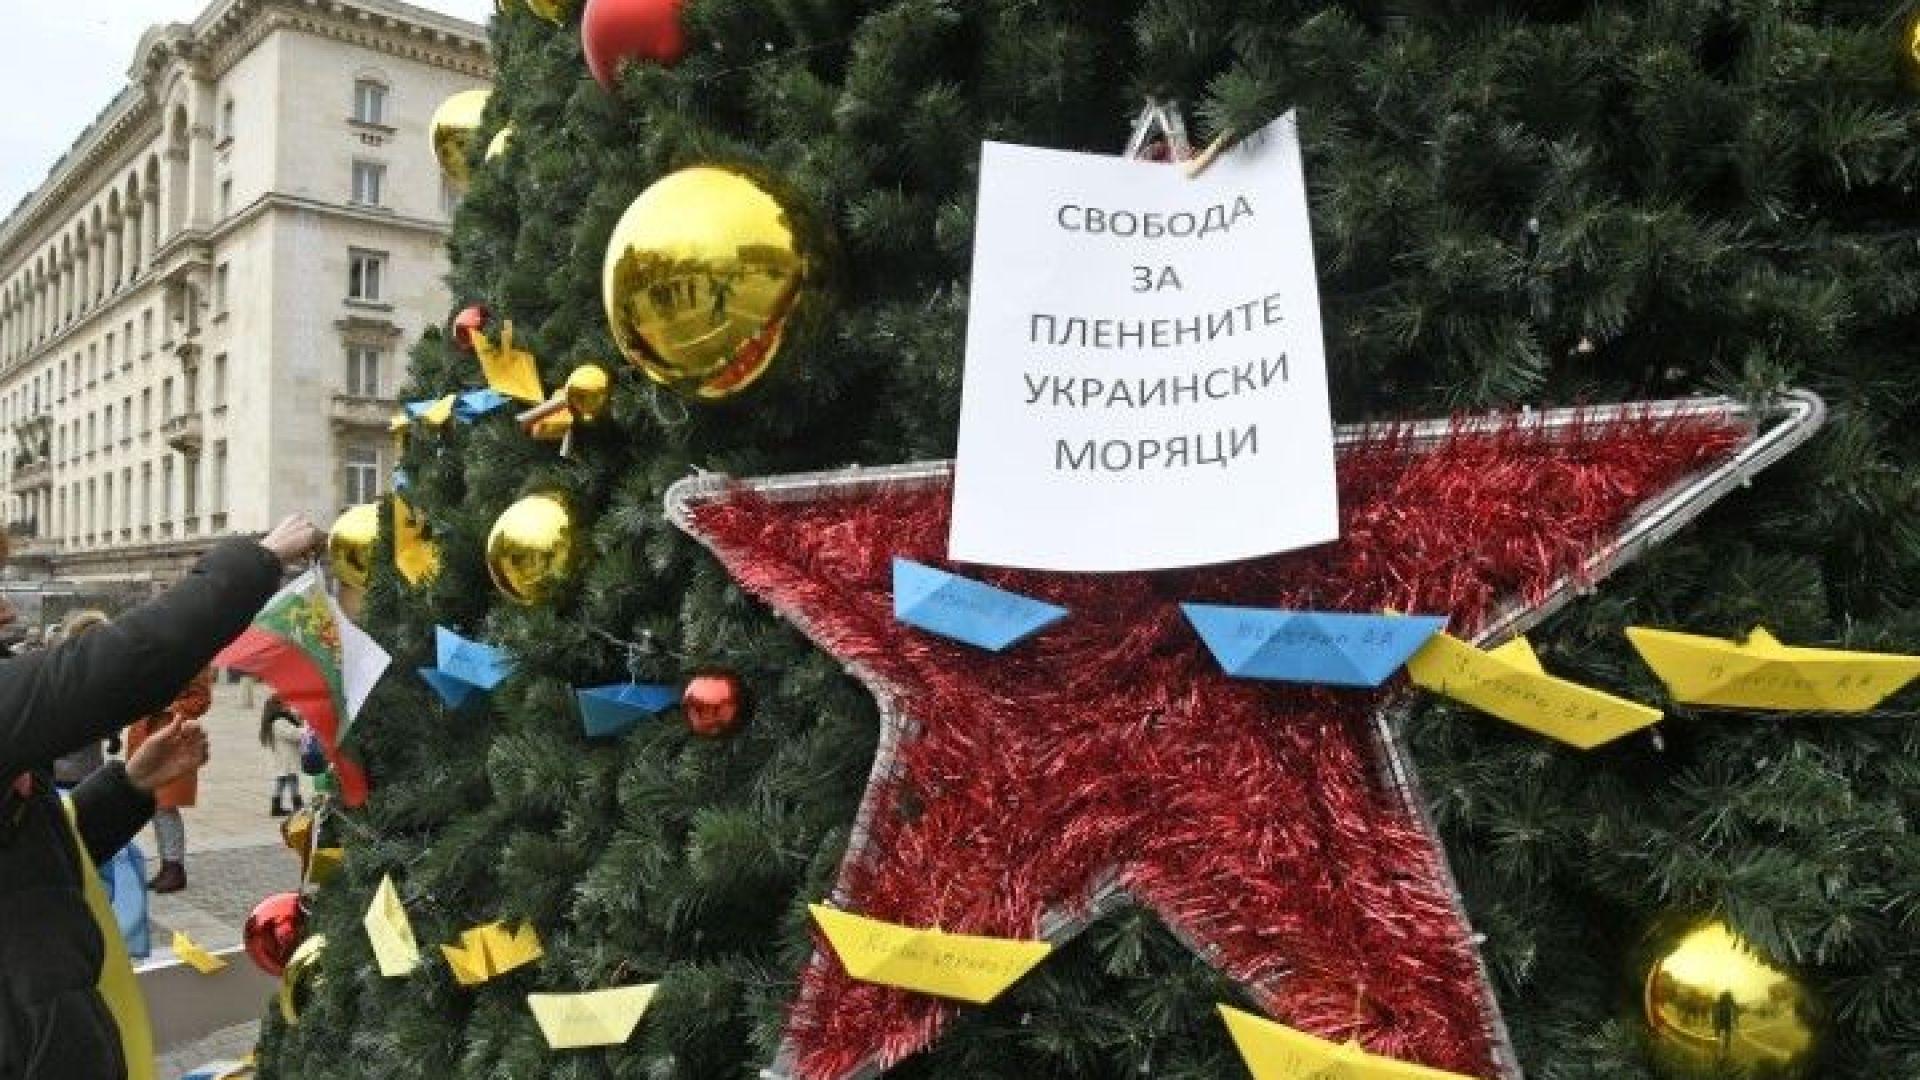 Една елха, подарък на България от Русия, предизвика полемика у